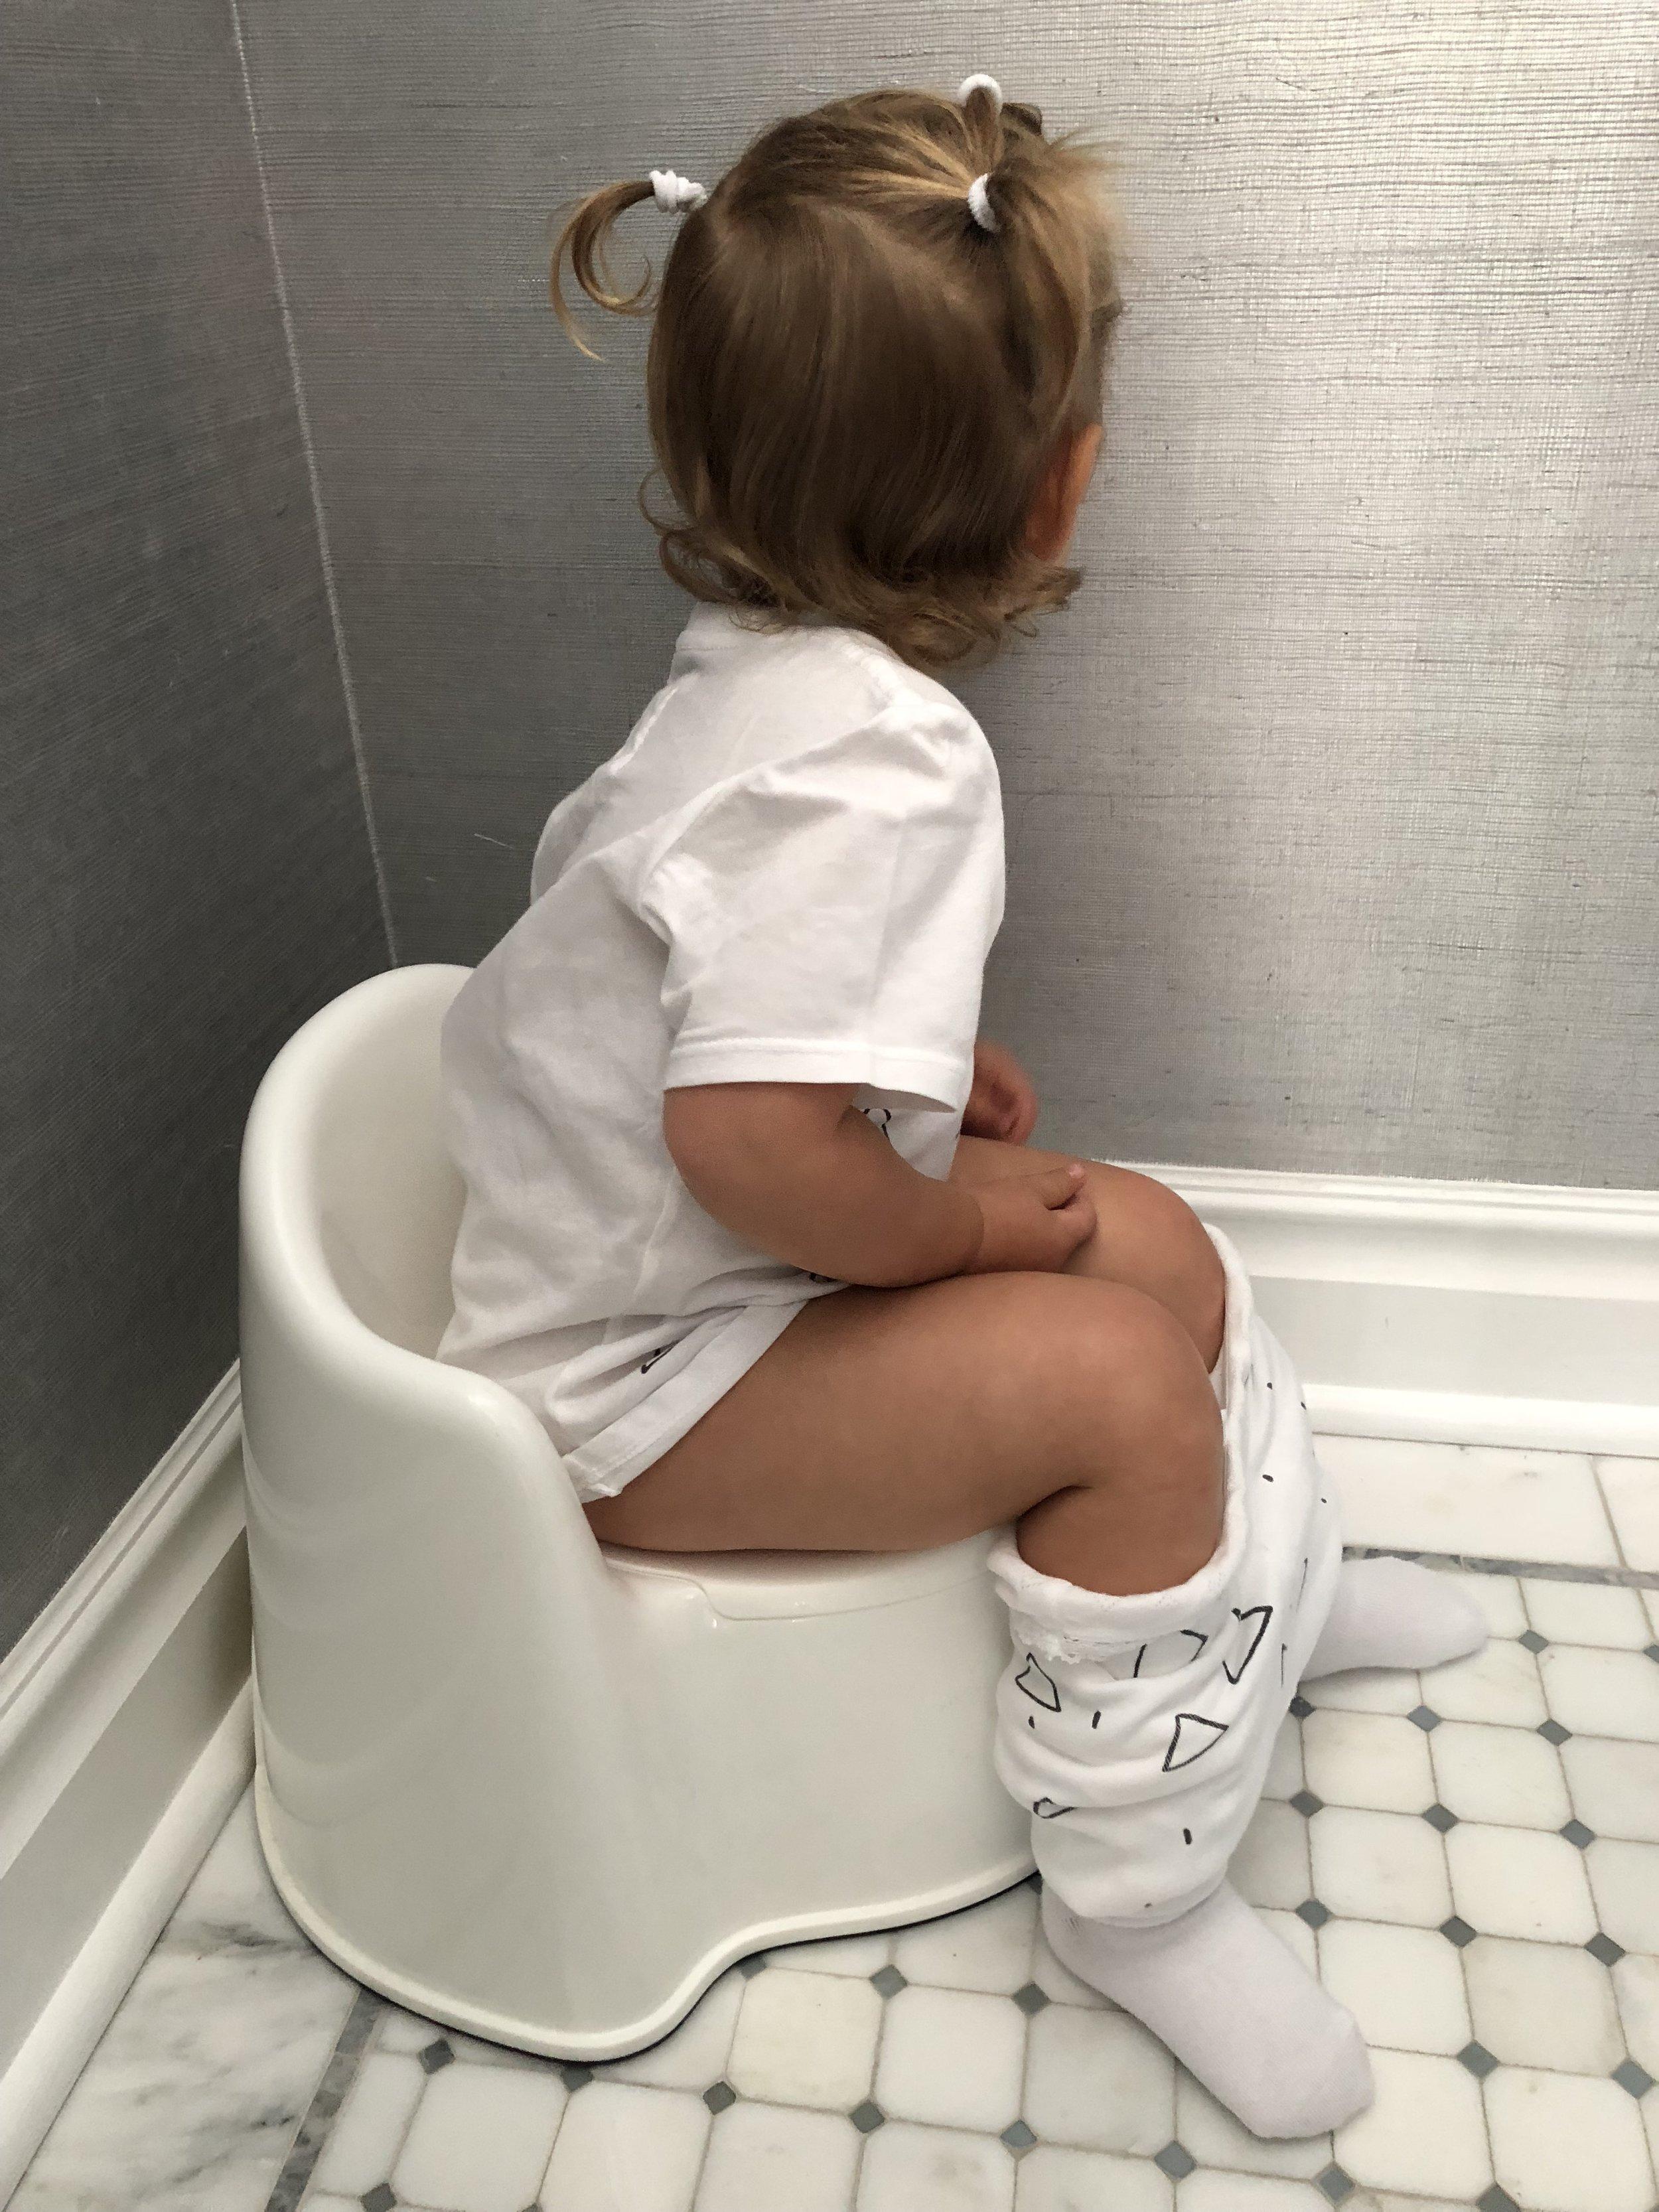 toddler girl potty training naked